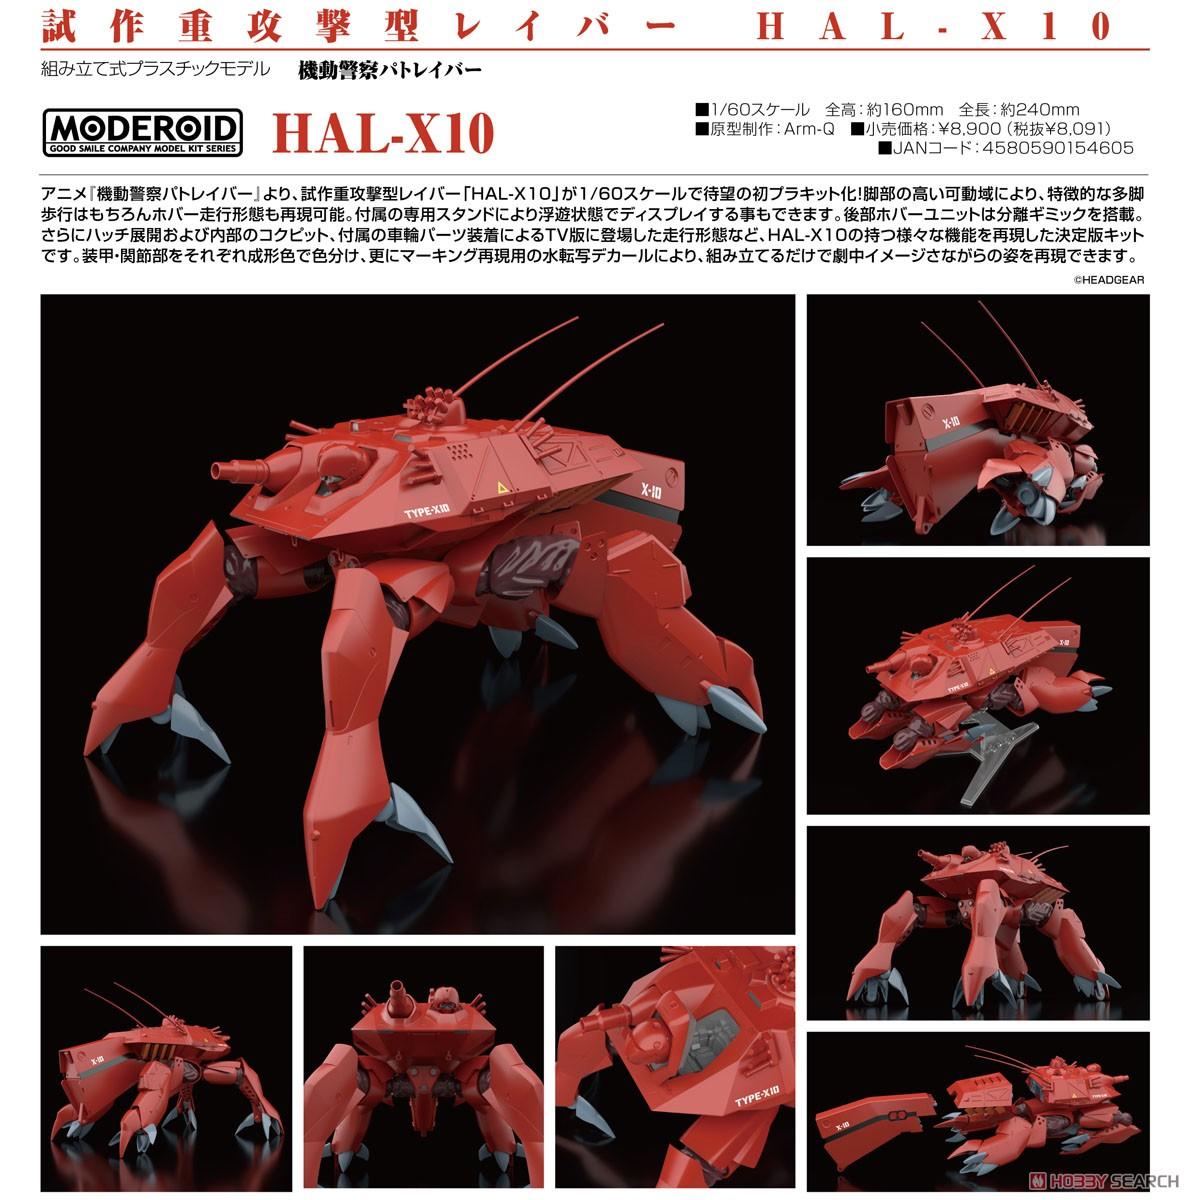 MODEROID『HAL-X10』機動警察パトレイバー  1/60 プラモデル-008